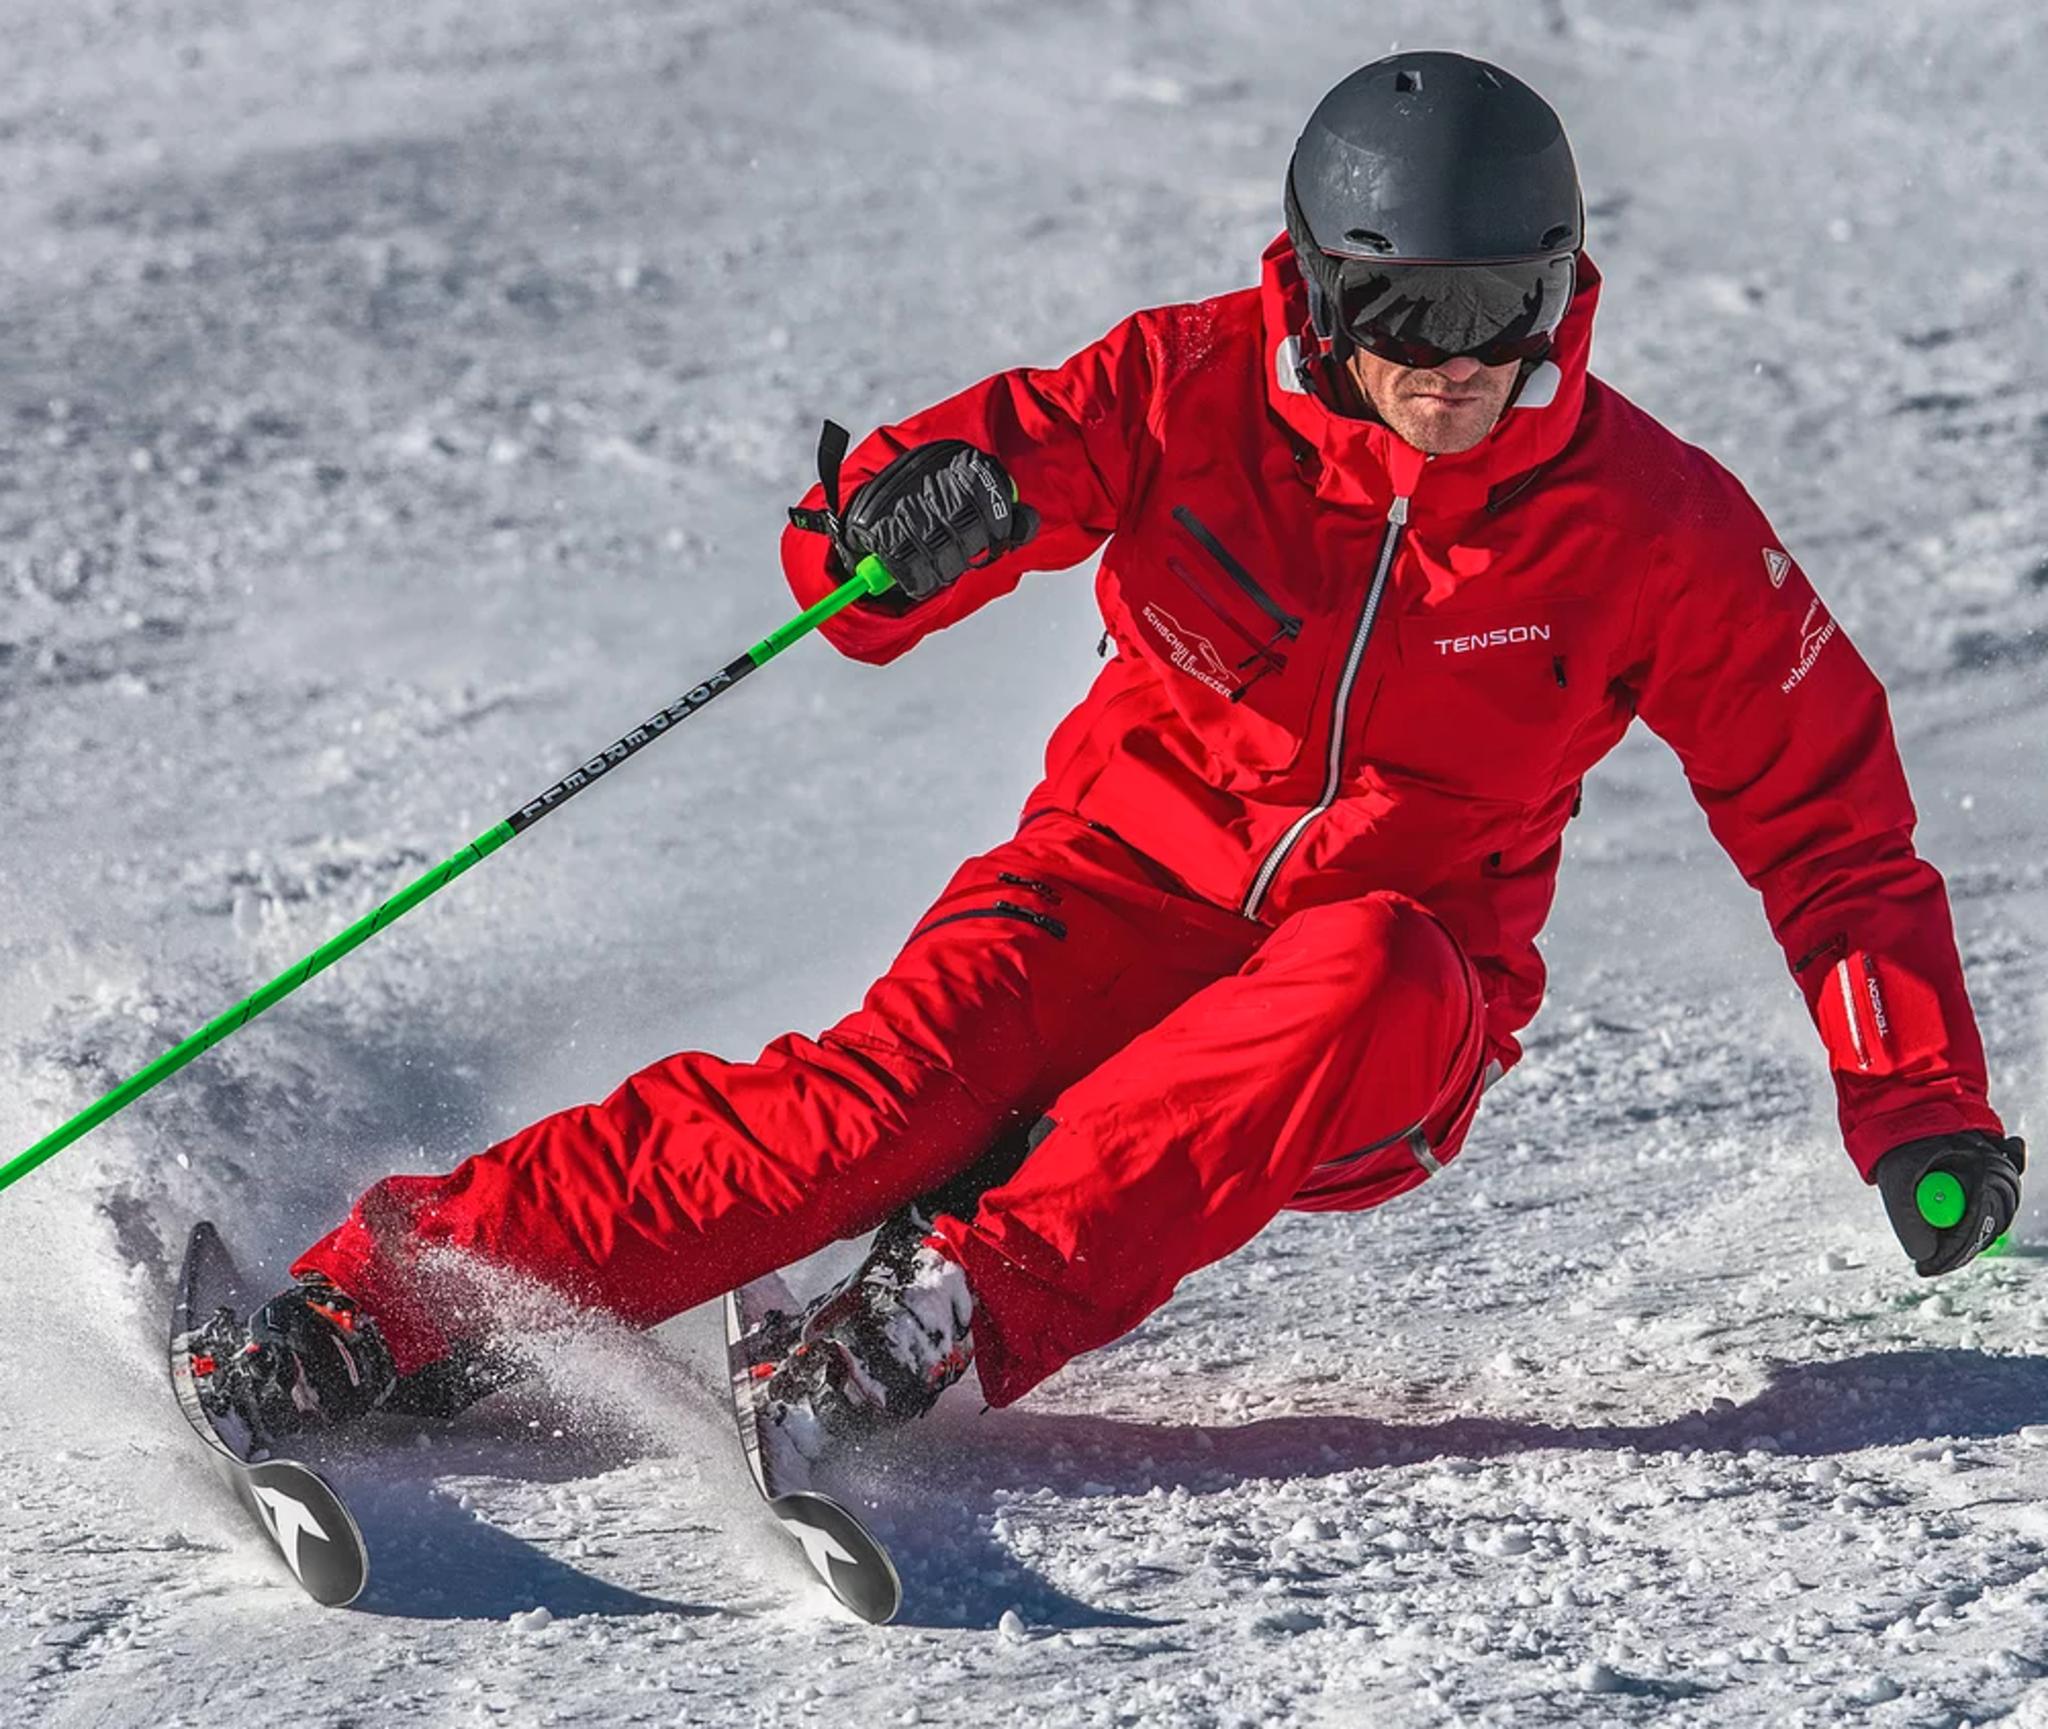 Skischule Glungezer